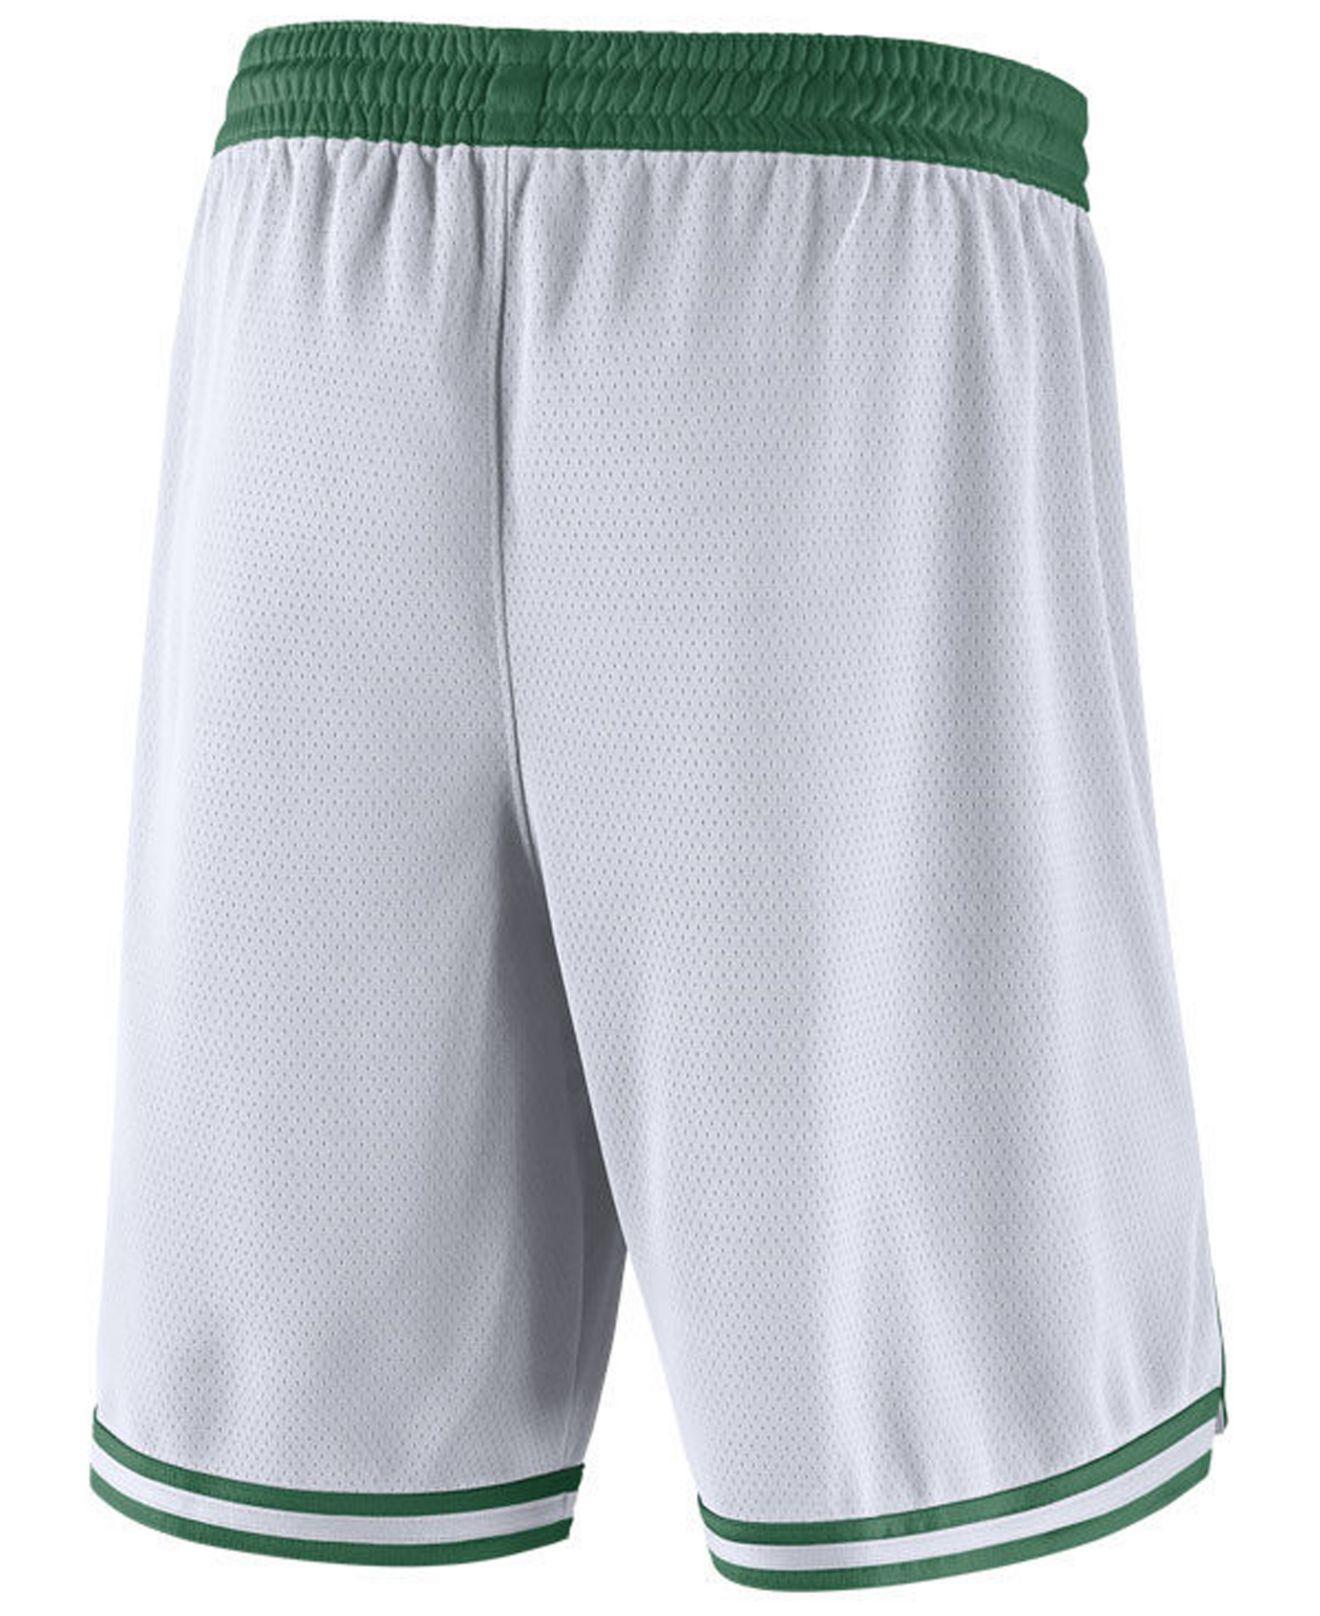 39dff8790b77b1 Lyst - Nike Boston Celtics Association Swingman Shorts in White for Men